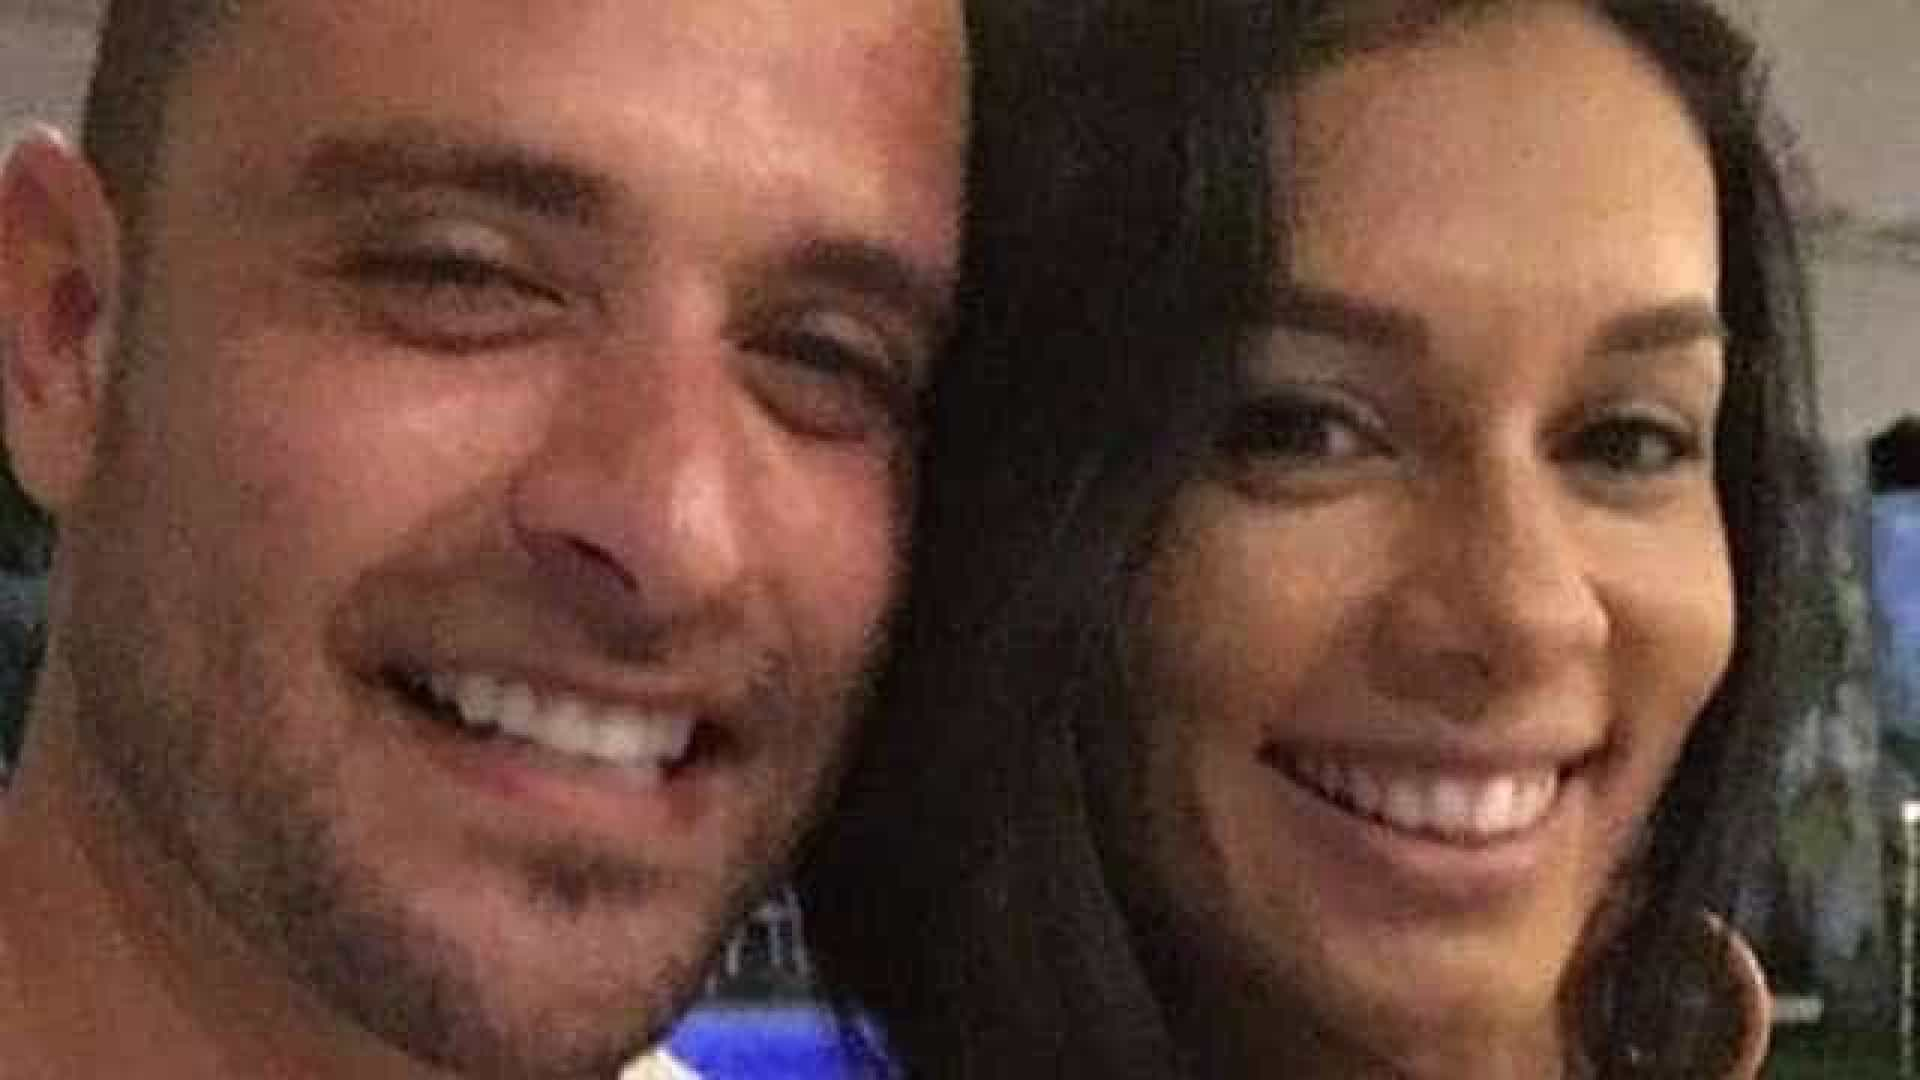 Chega ao fim casamento de Diogo Nogueira, diz jornal